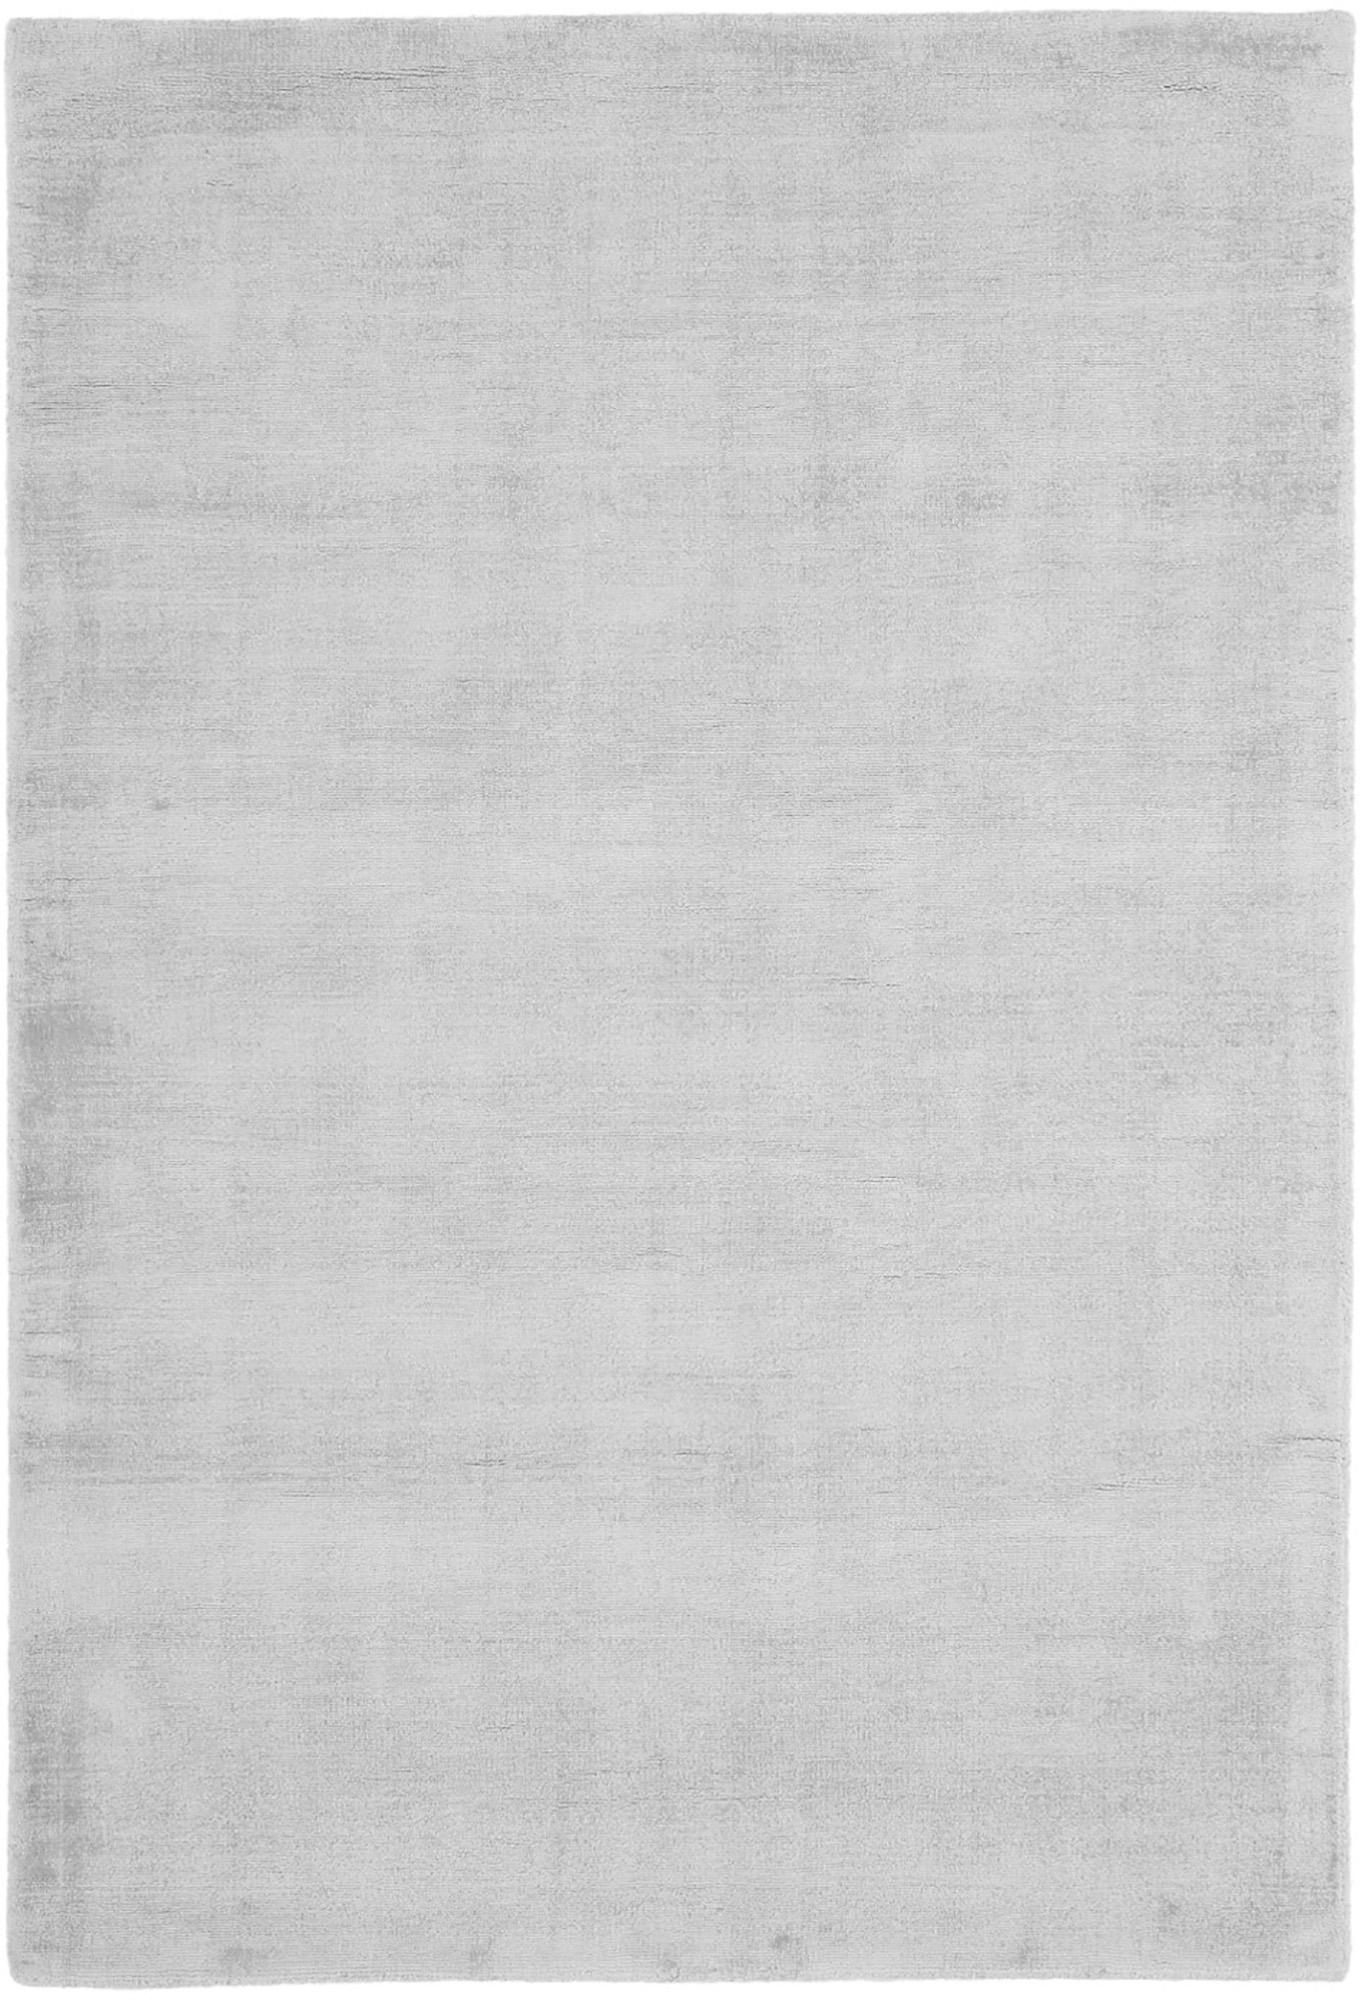 Tappeto in viscosa tessuto a mano Jane, Retro: 100% cotone, Grigio argento, Larg. 300 x Lung. 400 cm (taglia XL)